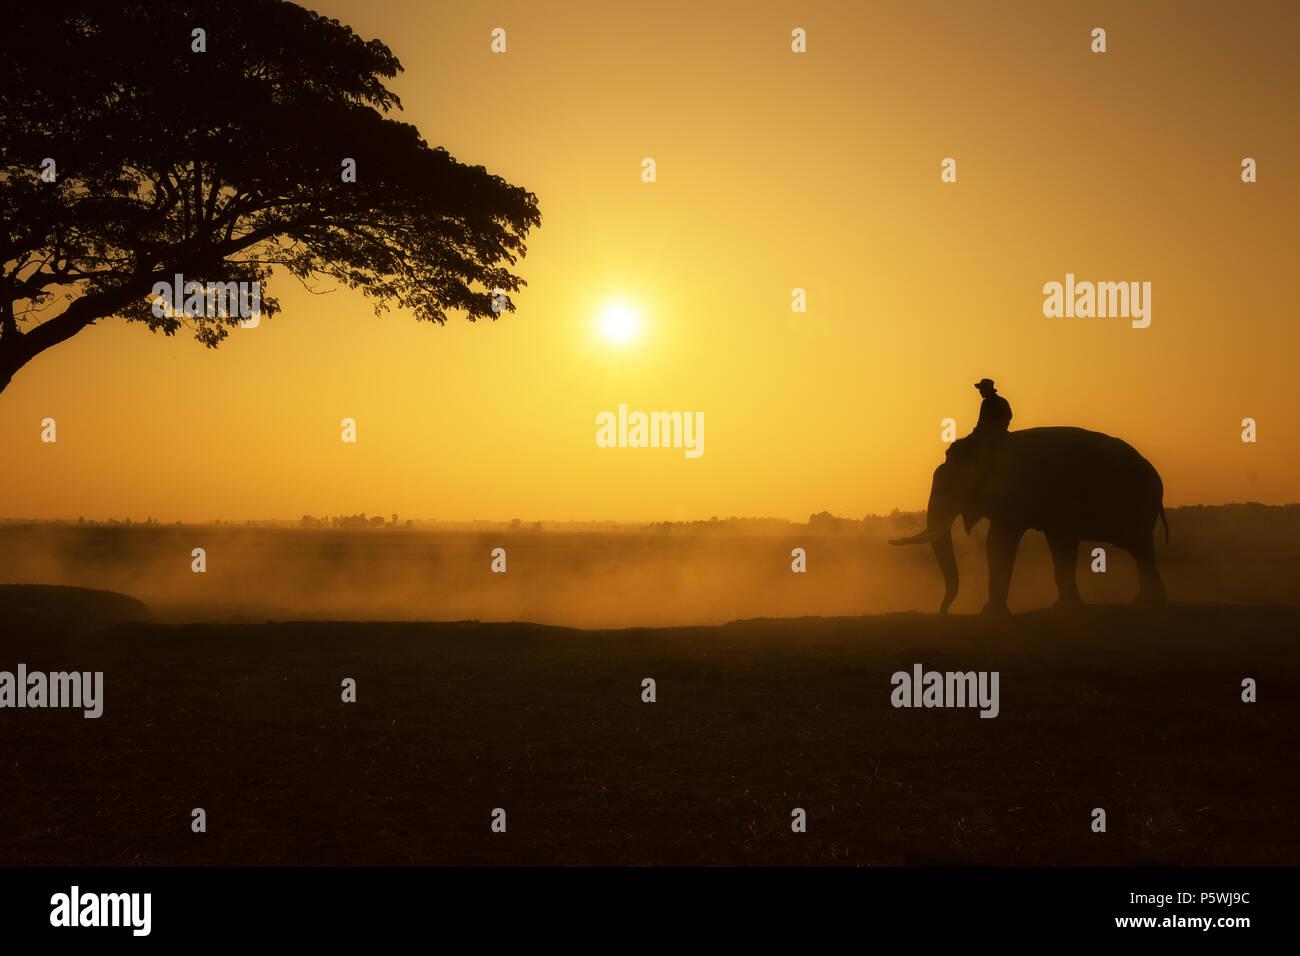 Goldene Stunde Der mahout und Elephant Silhouette am Feld morgen mal in dieser das Leben der Völker in Chang Dorf in der Provinz Surin, Thailand. Tradition li Stockbild